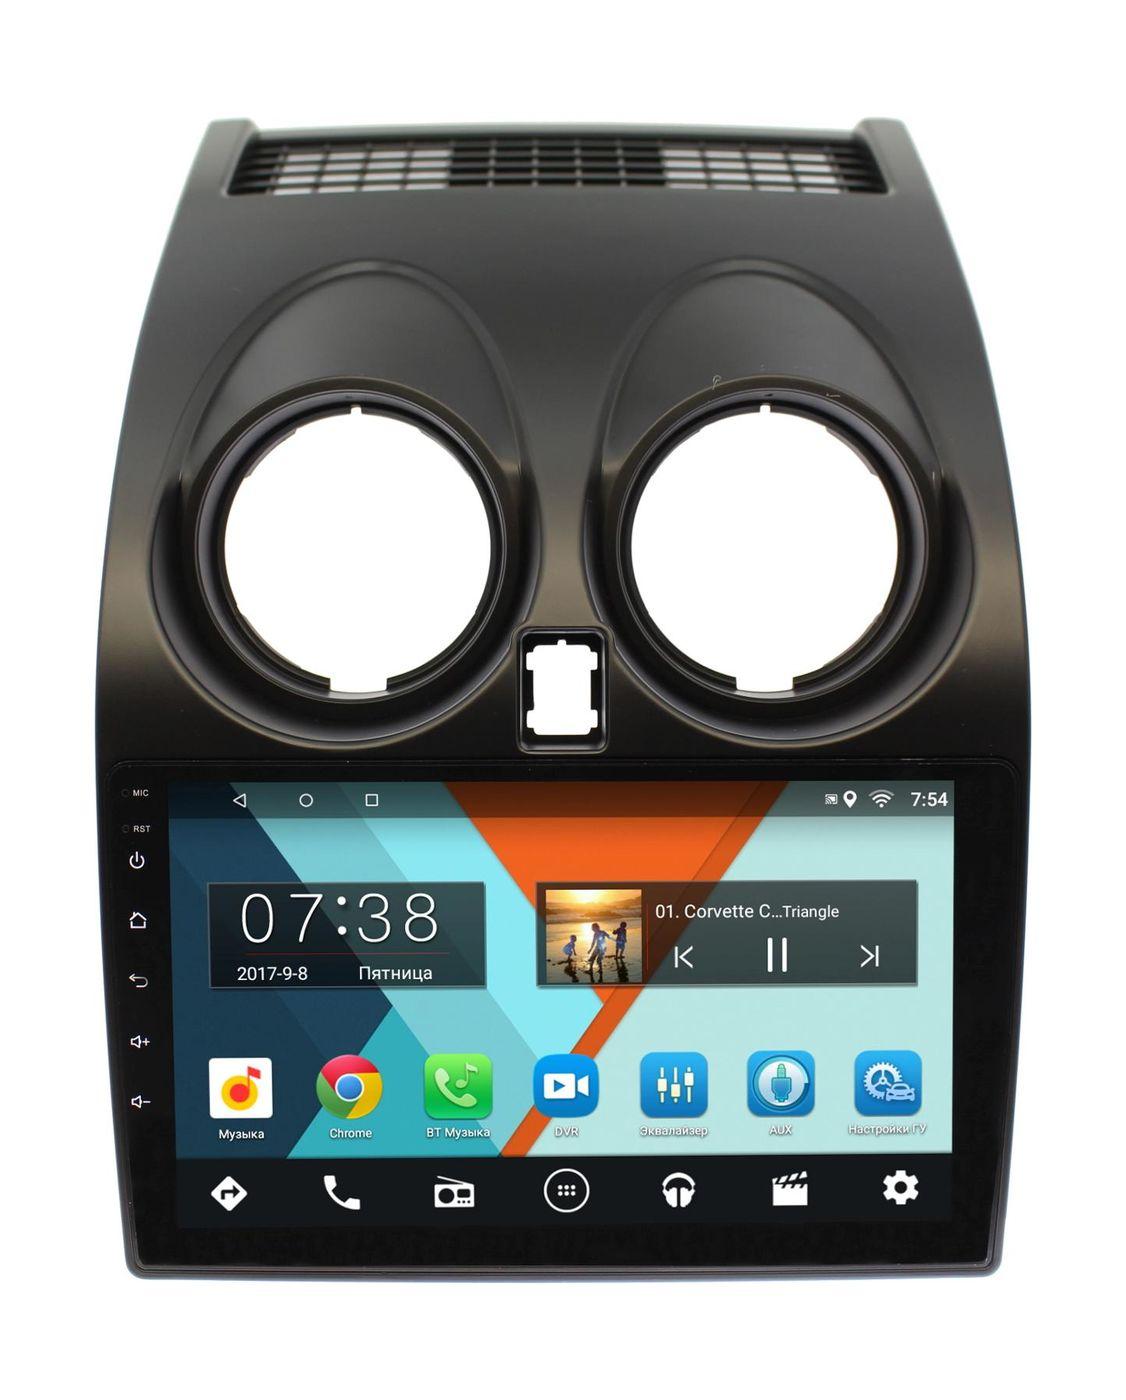 Штатная магнитола Wide Media MT9007MF для Qashqai I 2007-2013 на Android 6.0.1